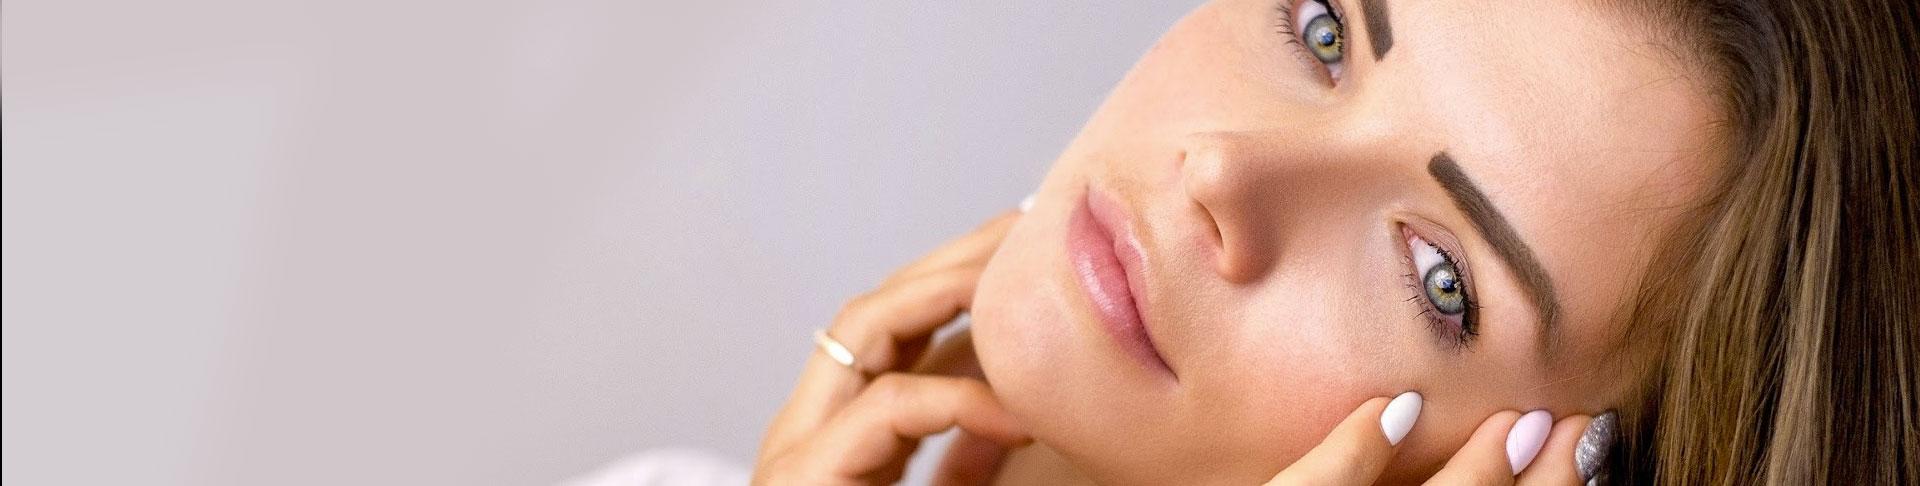 témoignage rhinoplastie chirurgie du nez bordeaux